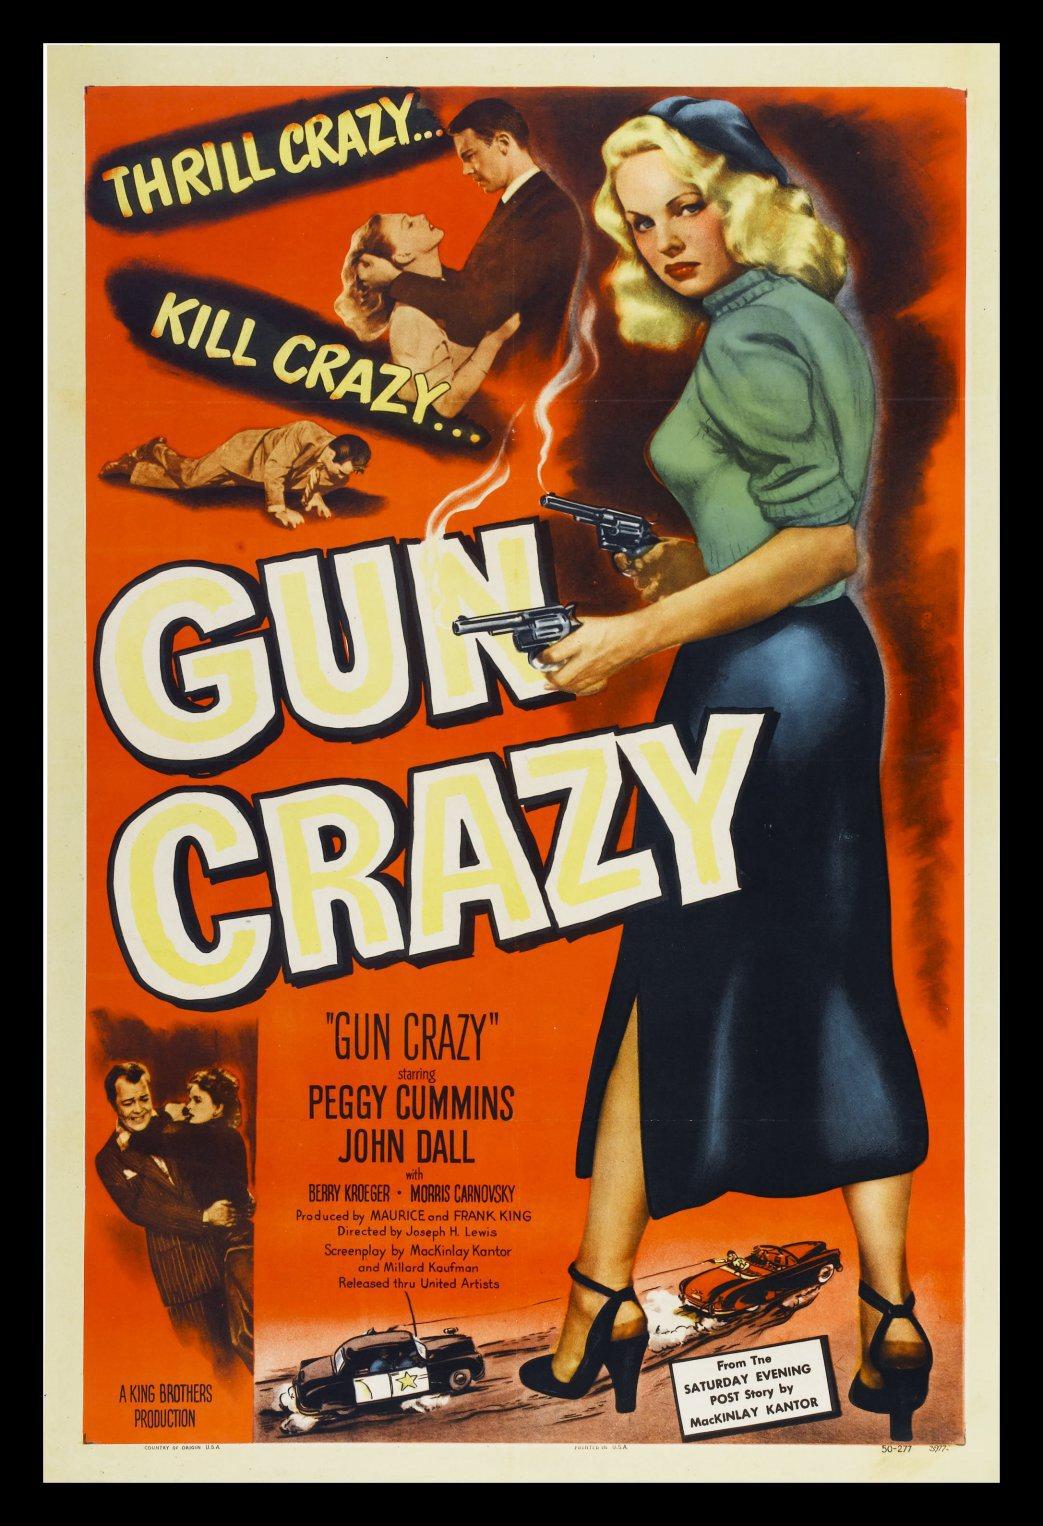 http://2.bp.blogspot.com/_12XpBm0IMkQ/S-wxBFcfRCI/AAAAAAAAD44/yLOiT15u1lc/s1600/guncrazy1.jpg